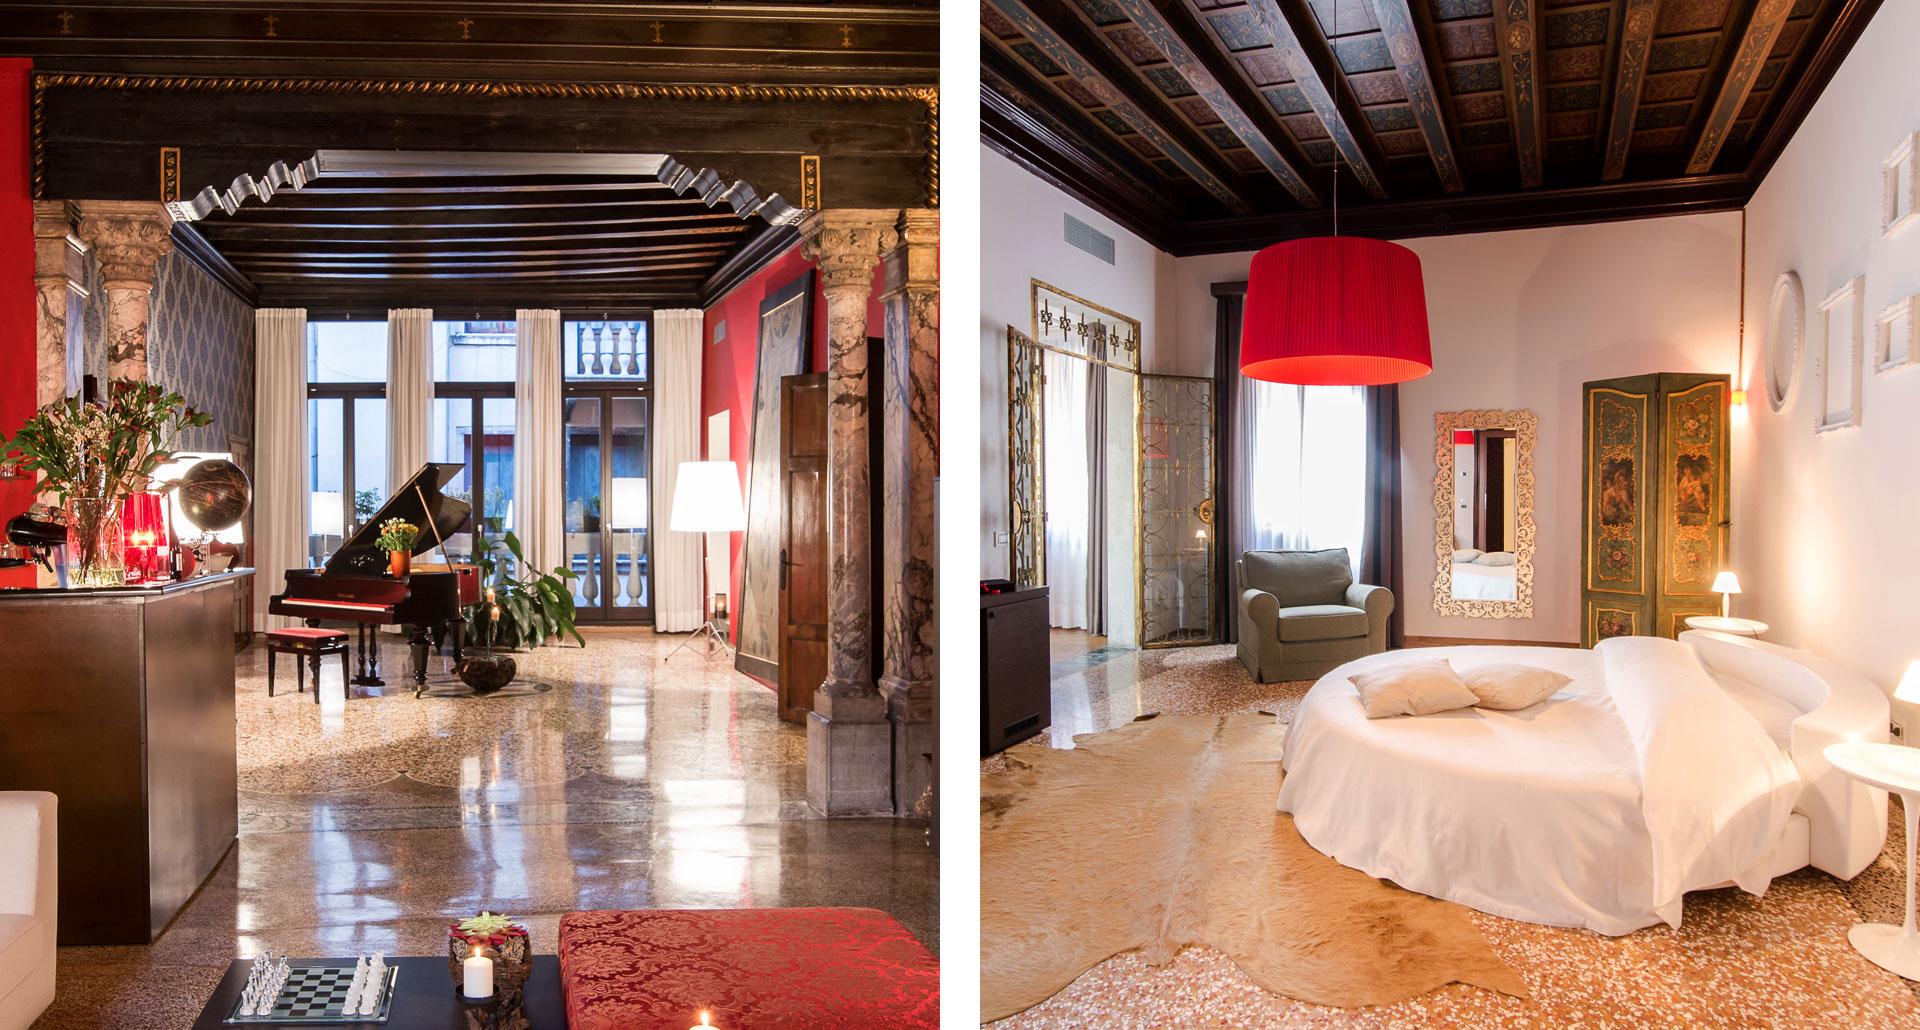 Corte Di Gabriela - boutique hotel in Venice